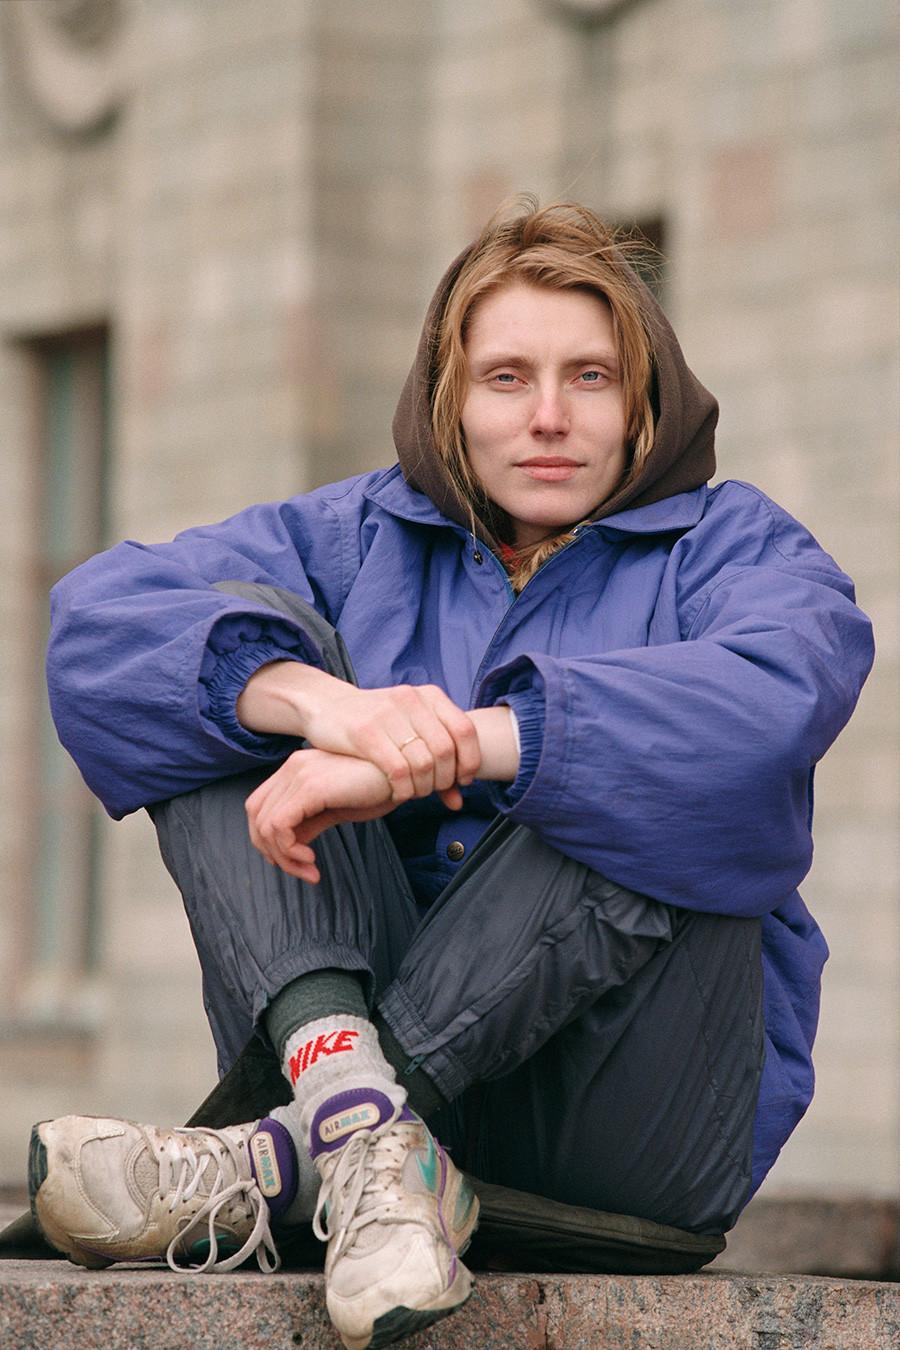 Atlet Irina Privalova